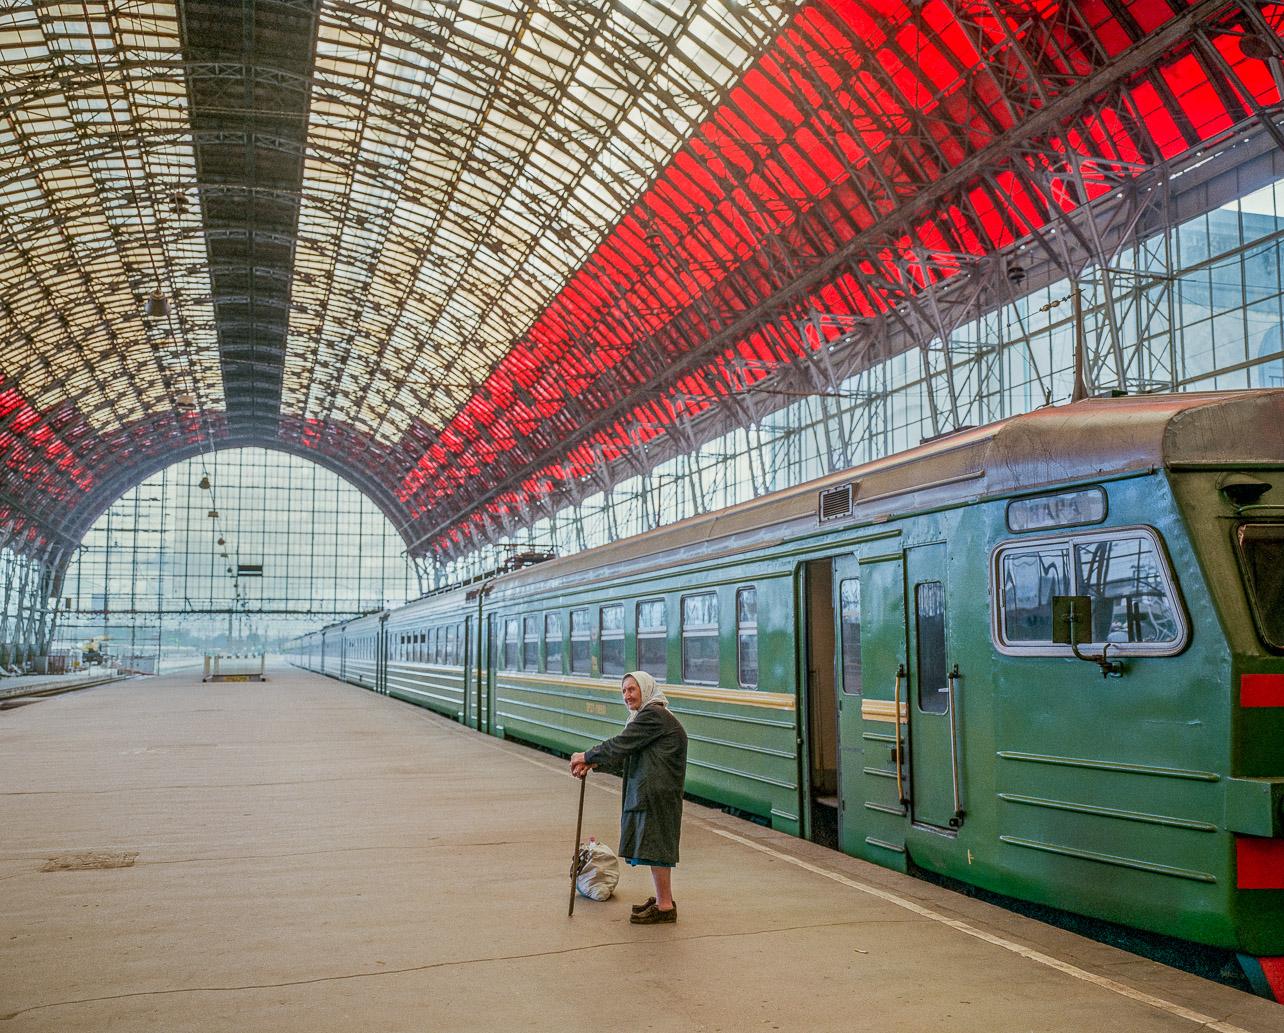 train_2018lighter (1 of 1).jpg